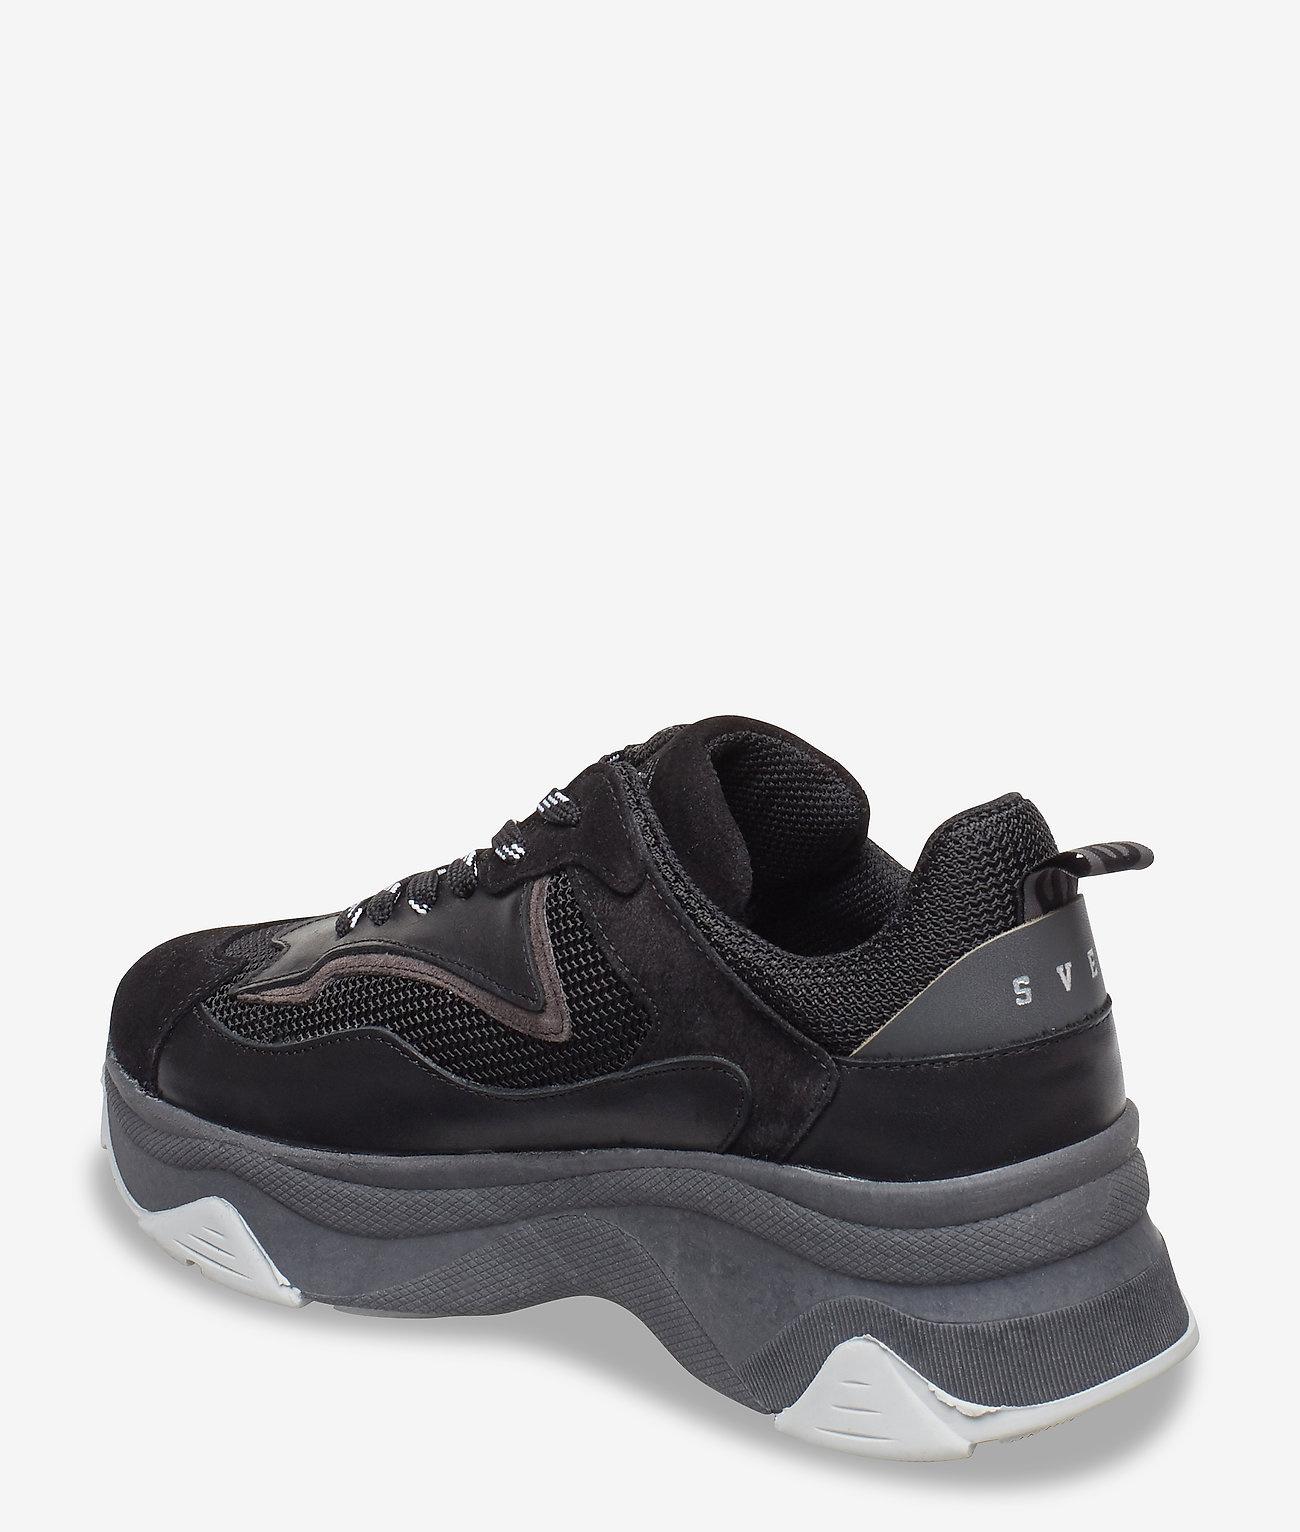 Svea Dames Sneakers, zwart